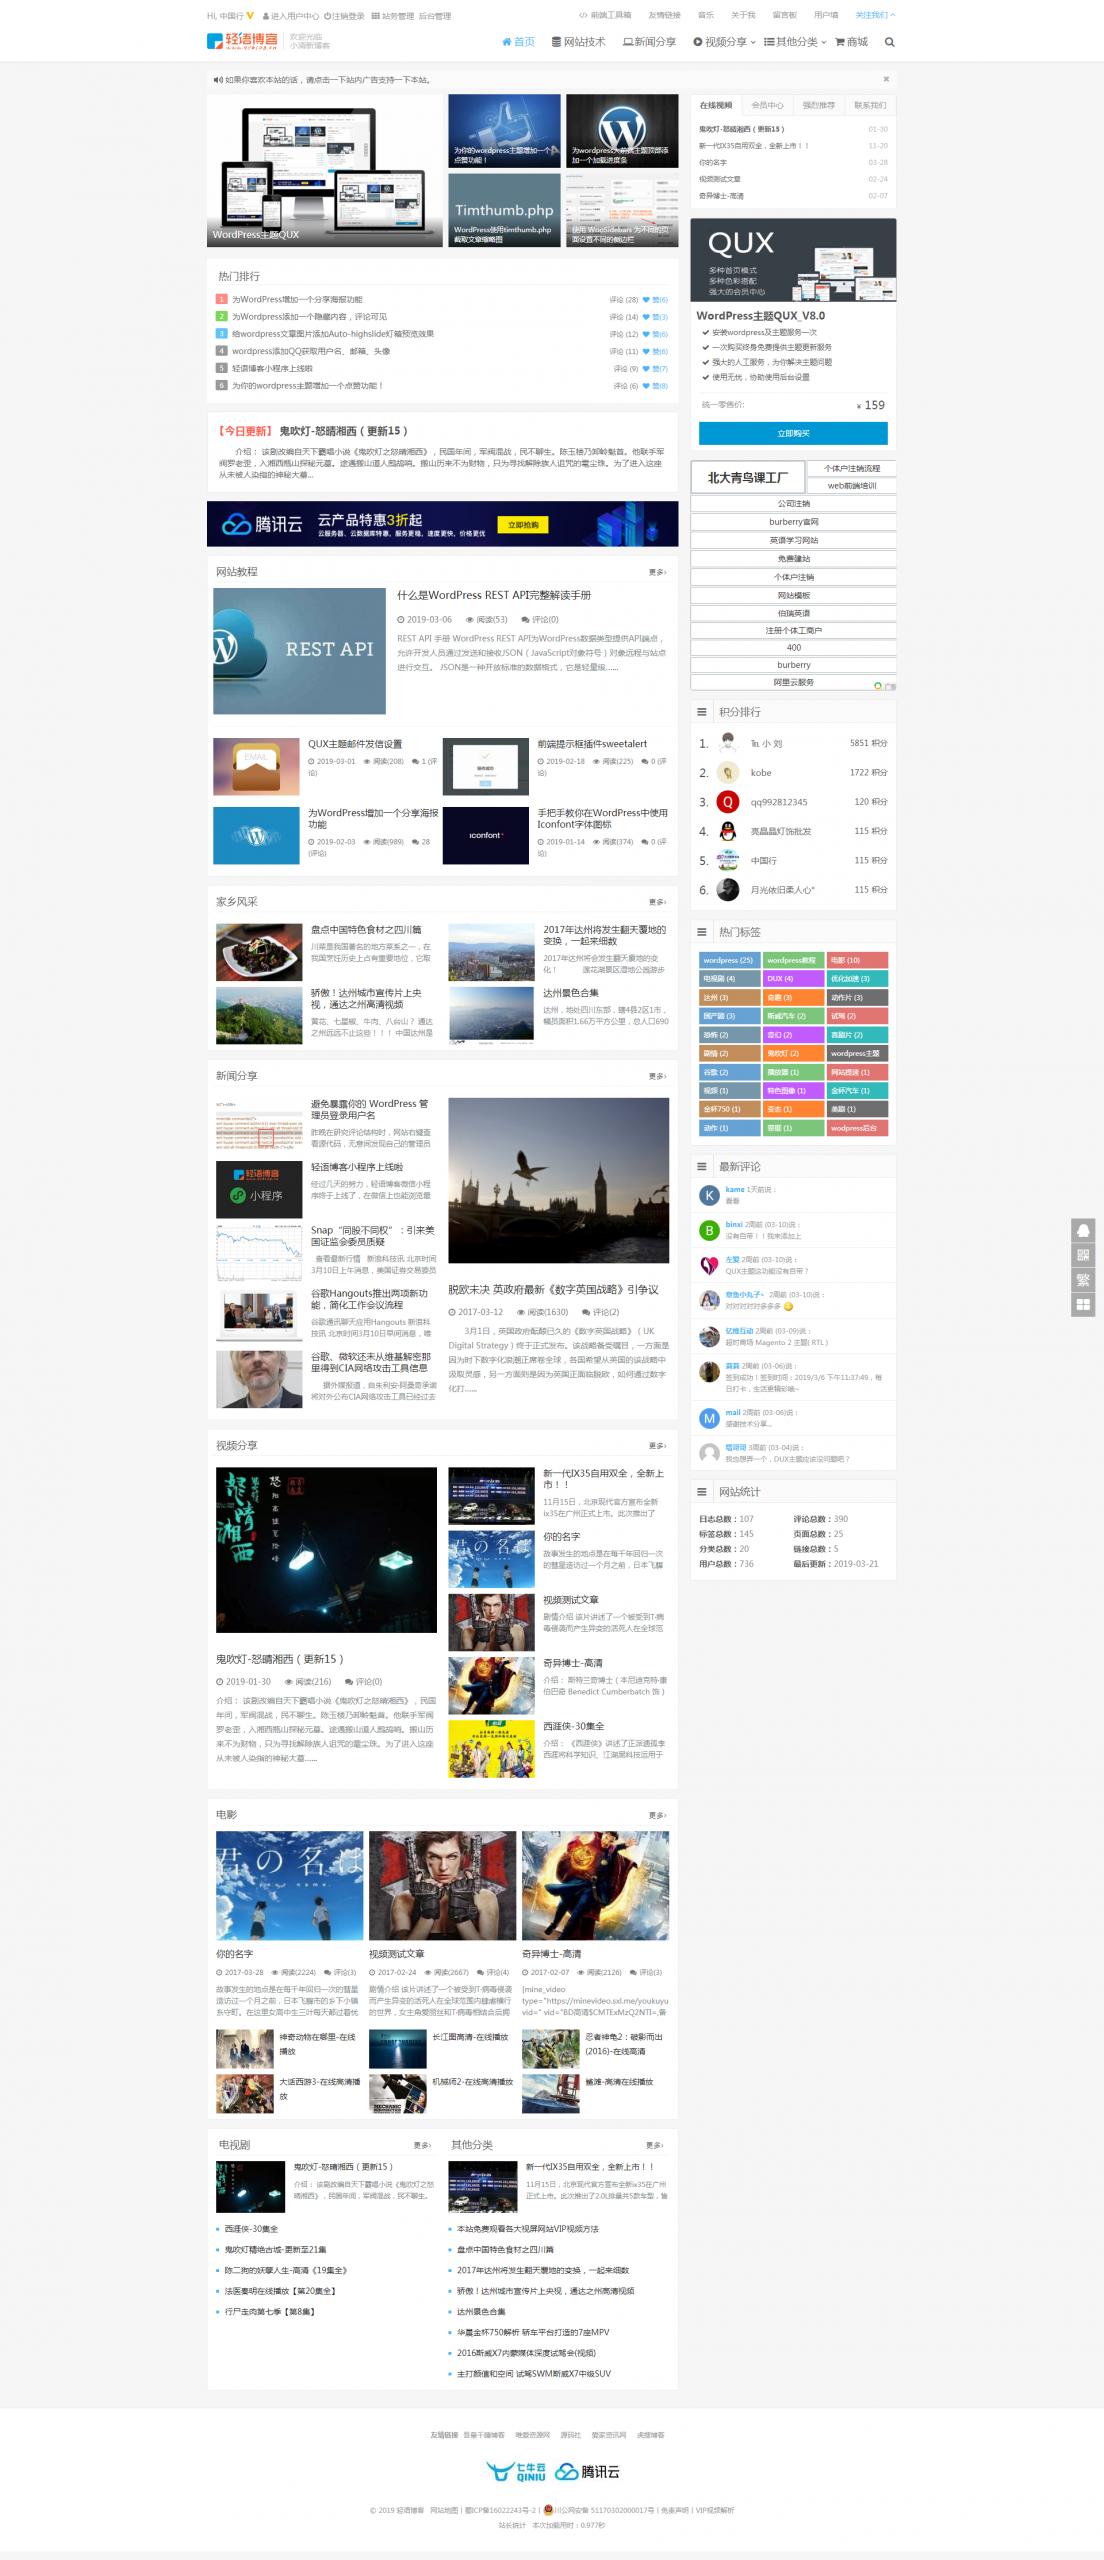 WordPress主题 QUX DUX加强版9.1-WP迷死